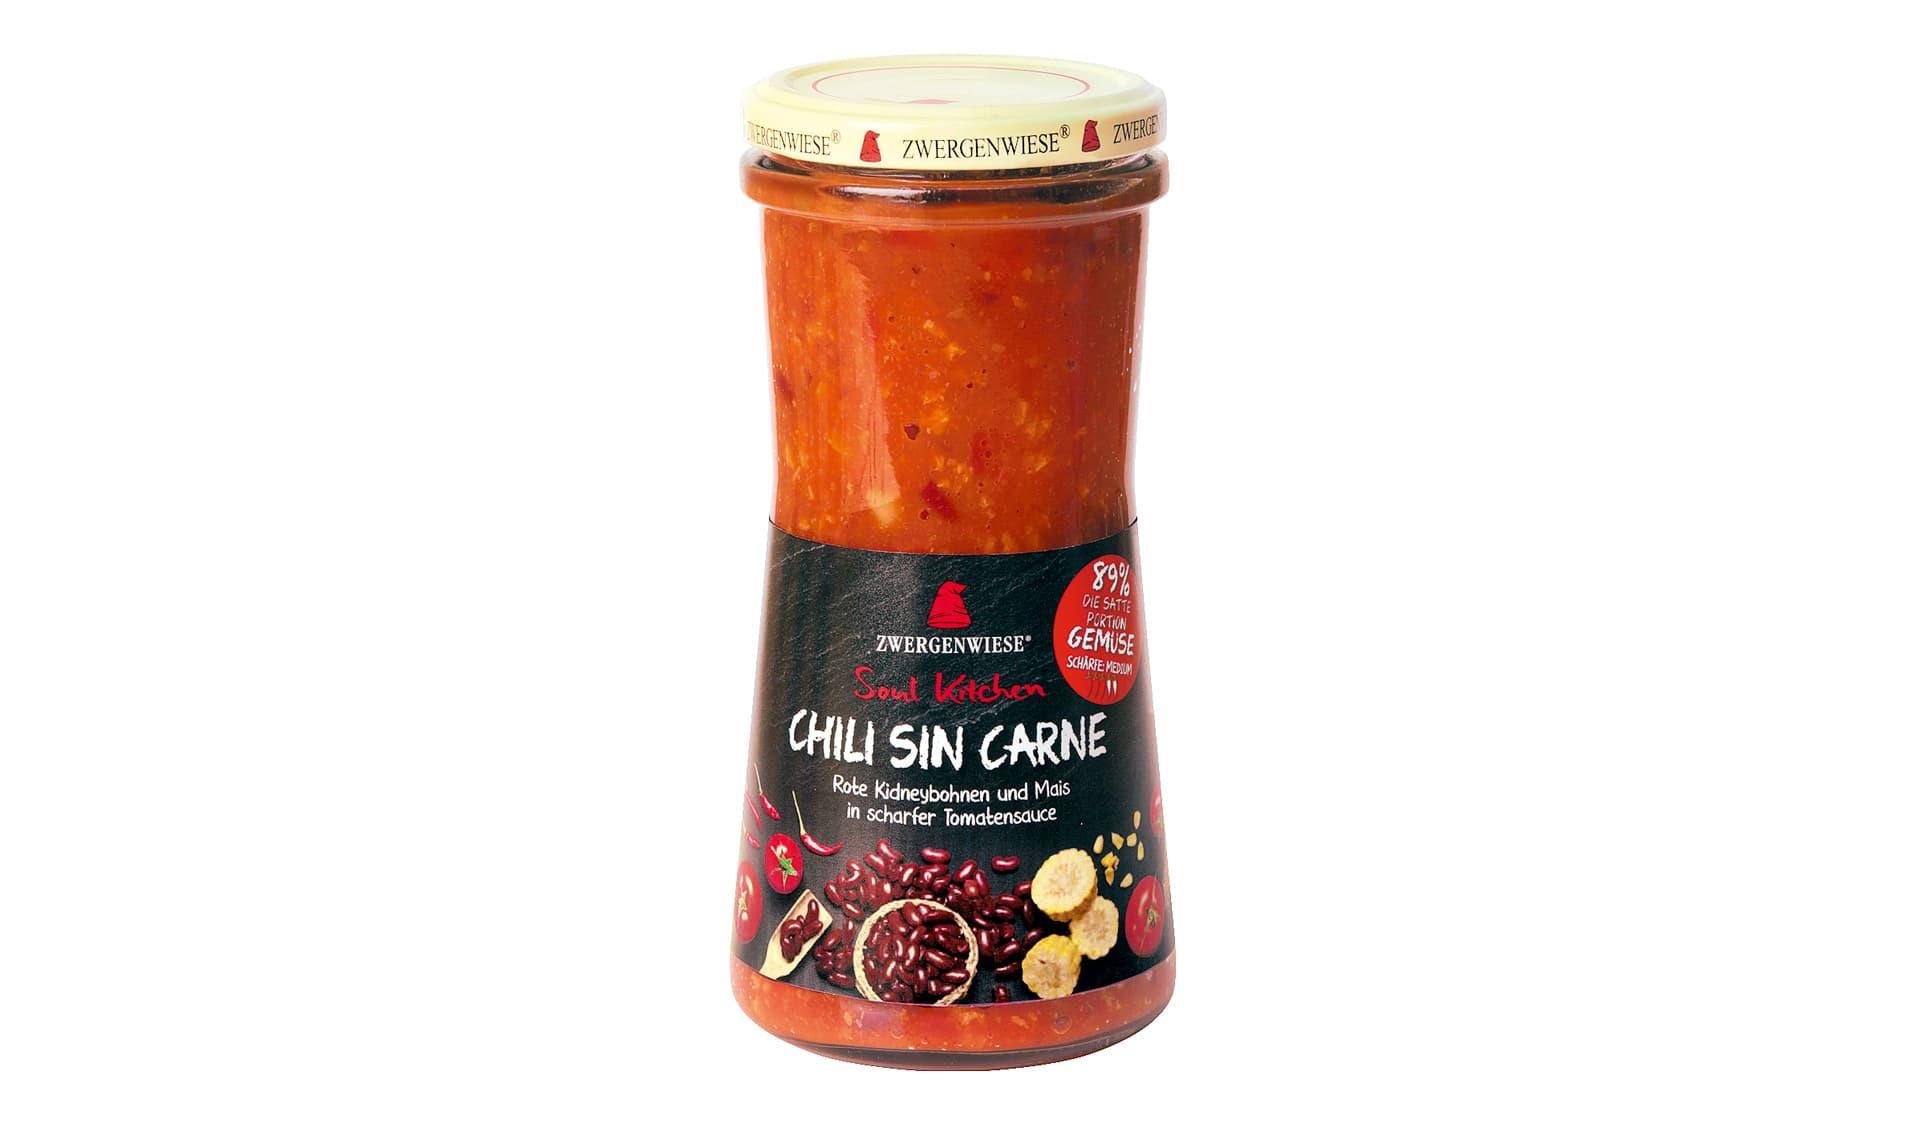 Zwergenwiese Chili sin Carne (www.zwergenwiese.de)